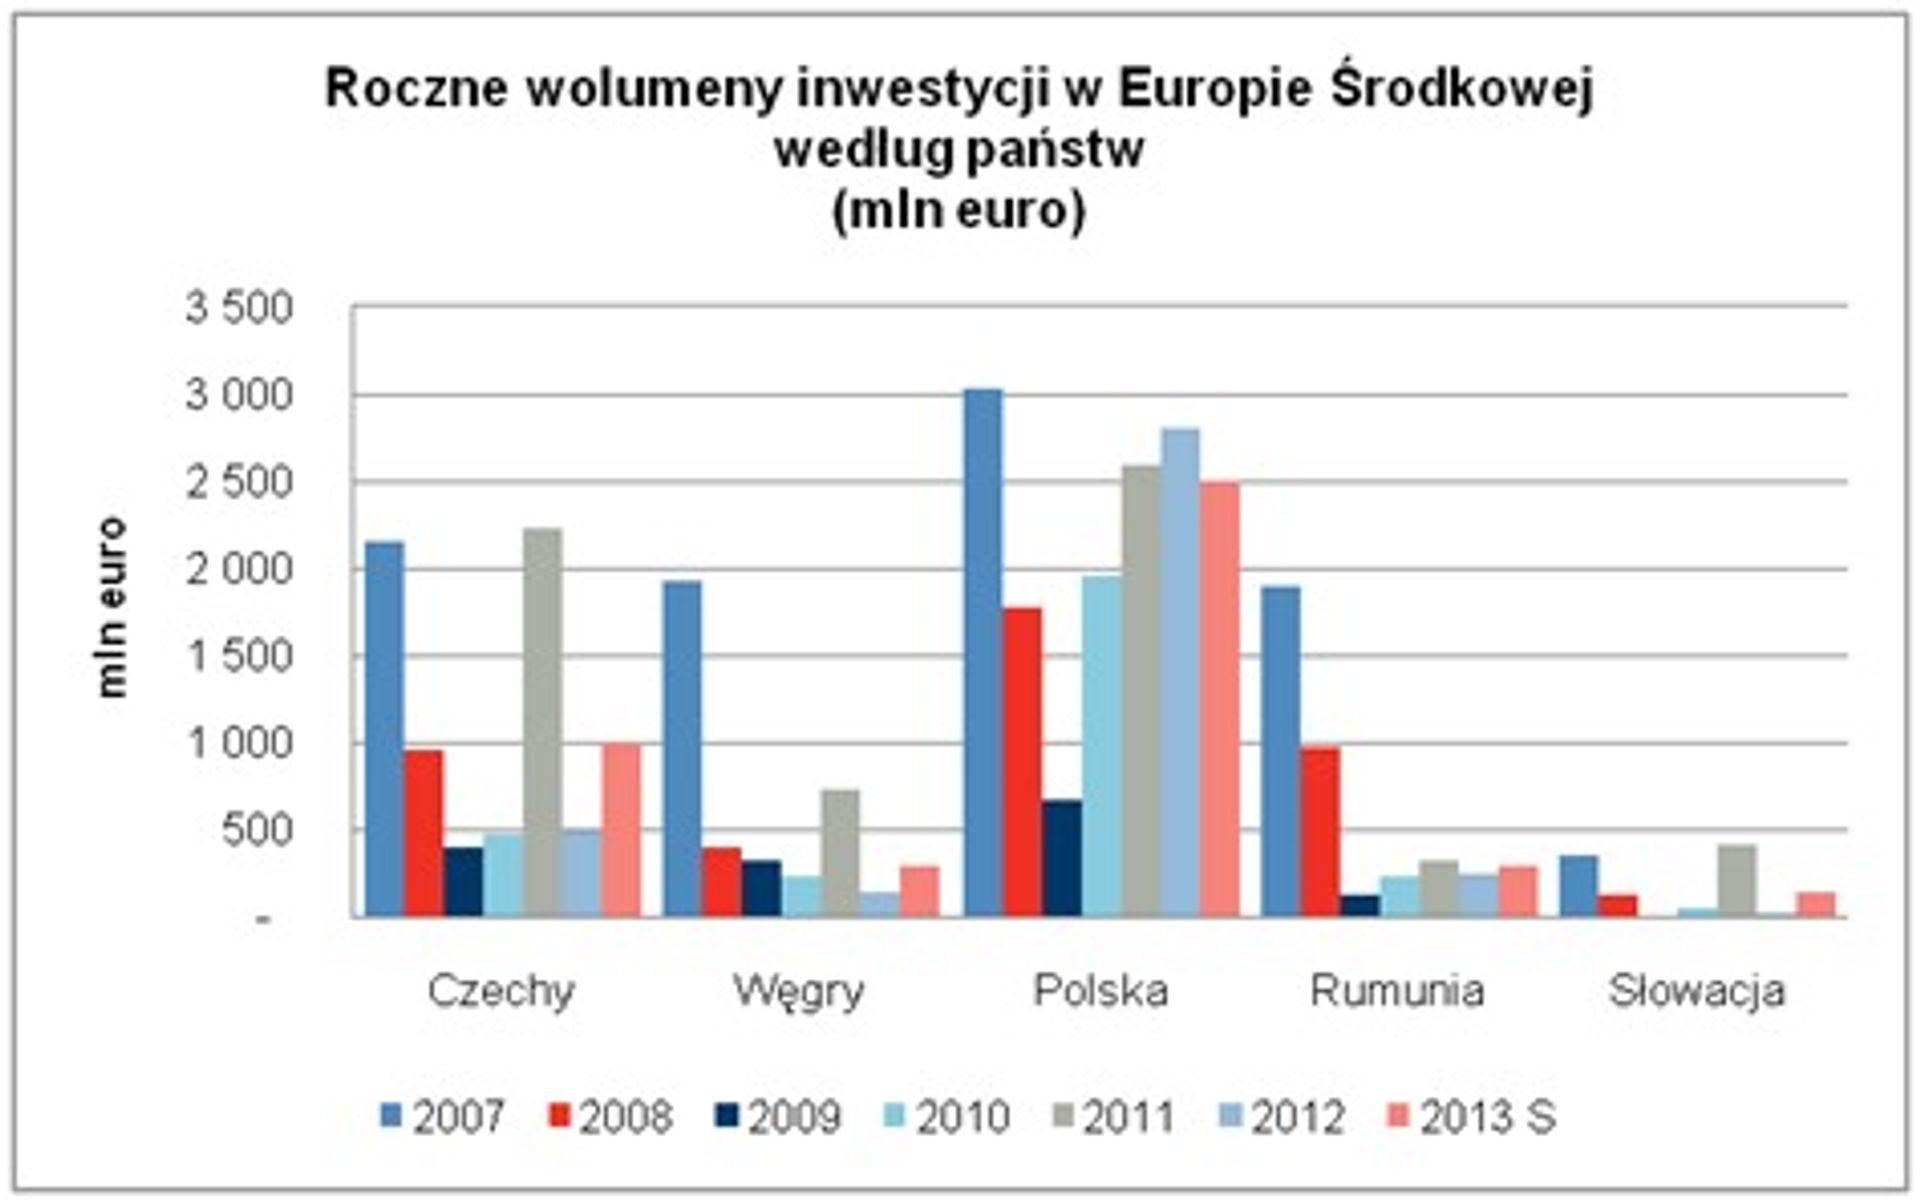 Wzrost wolumenu transakcji inwestycyjnych w Europie Środkowej w czwartym kwartale ubiegłego roku